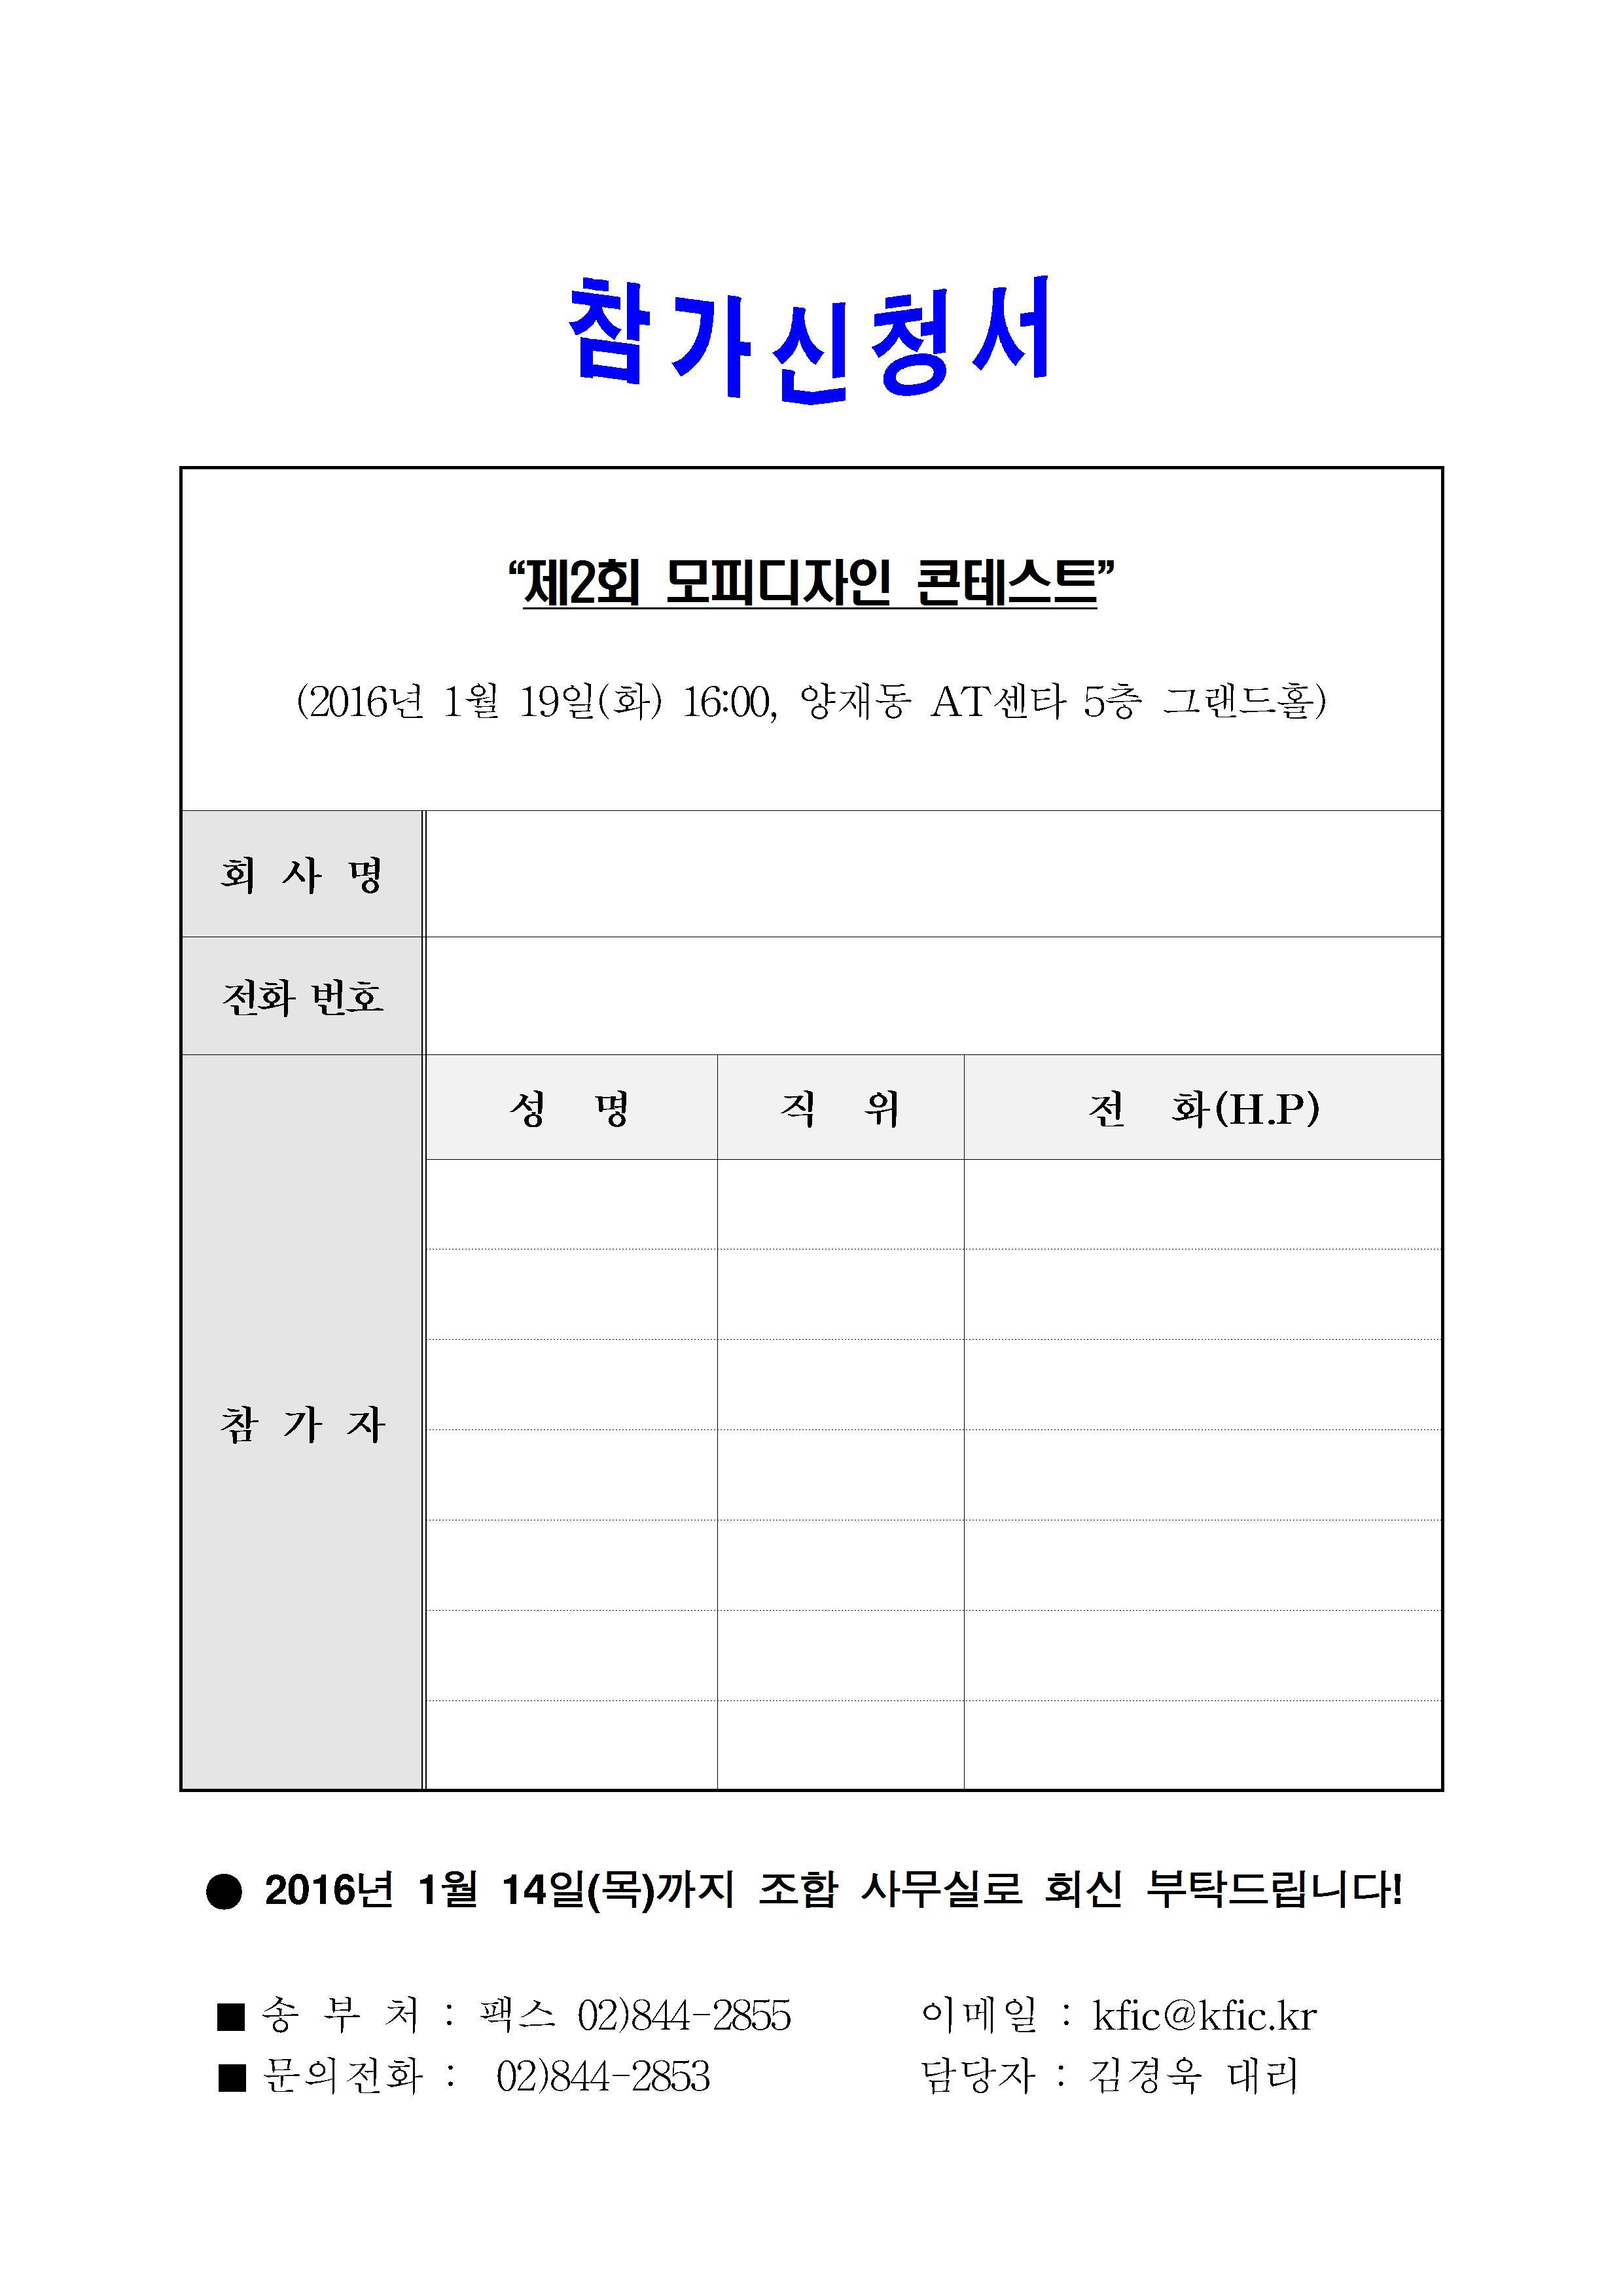 16-02 모피디자인 콘테스트 참관 안내 공문 Zero002